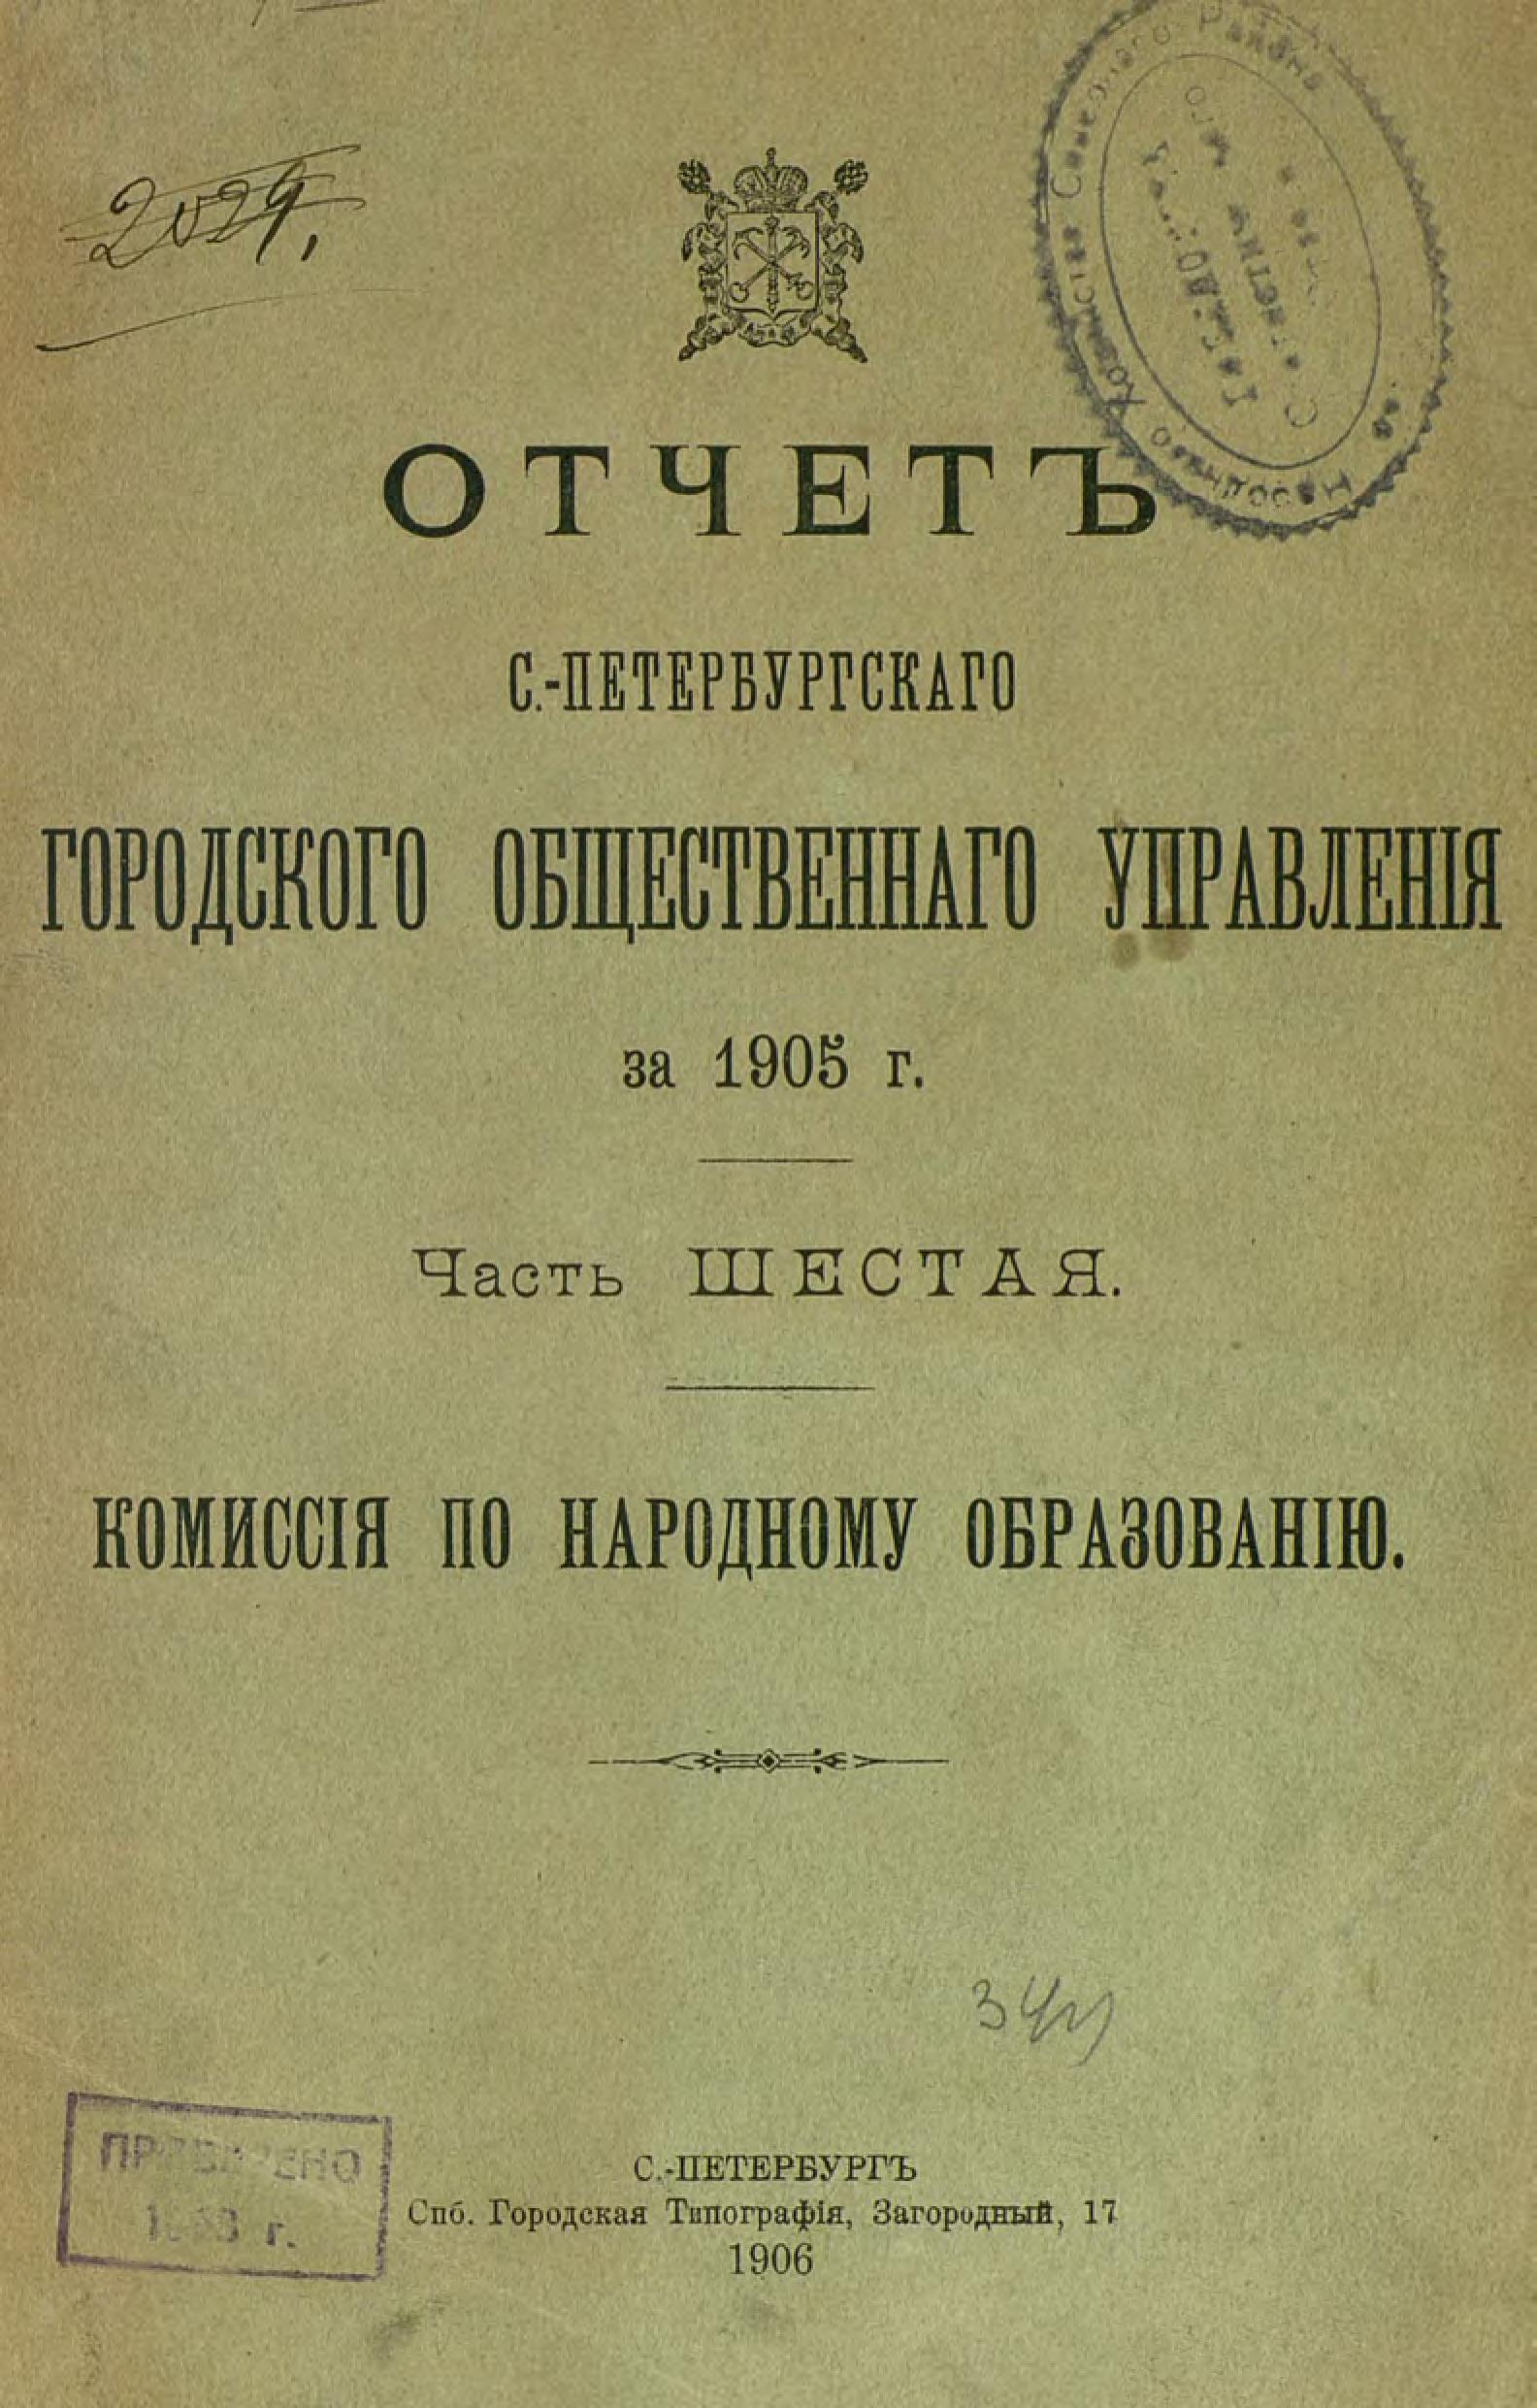 Коллектив авторов Отчет городской управы за 1905 г. Часть 6 коллектив авторов отчет городской управы за 1913 г часть 8